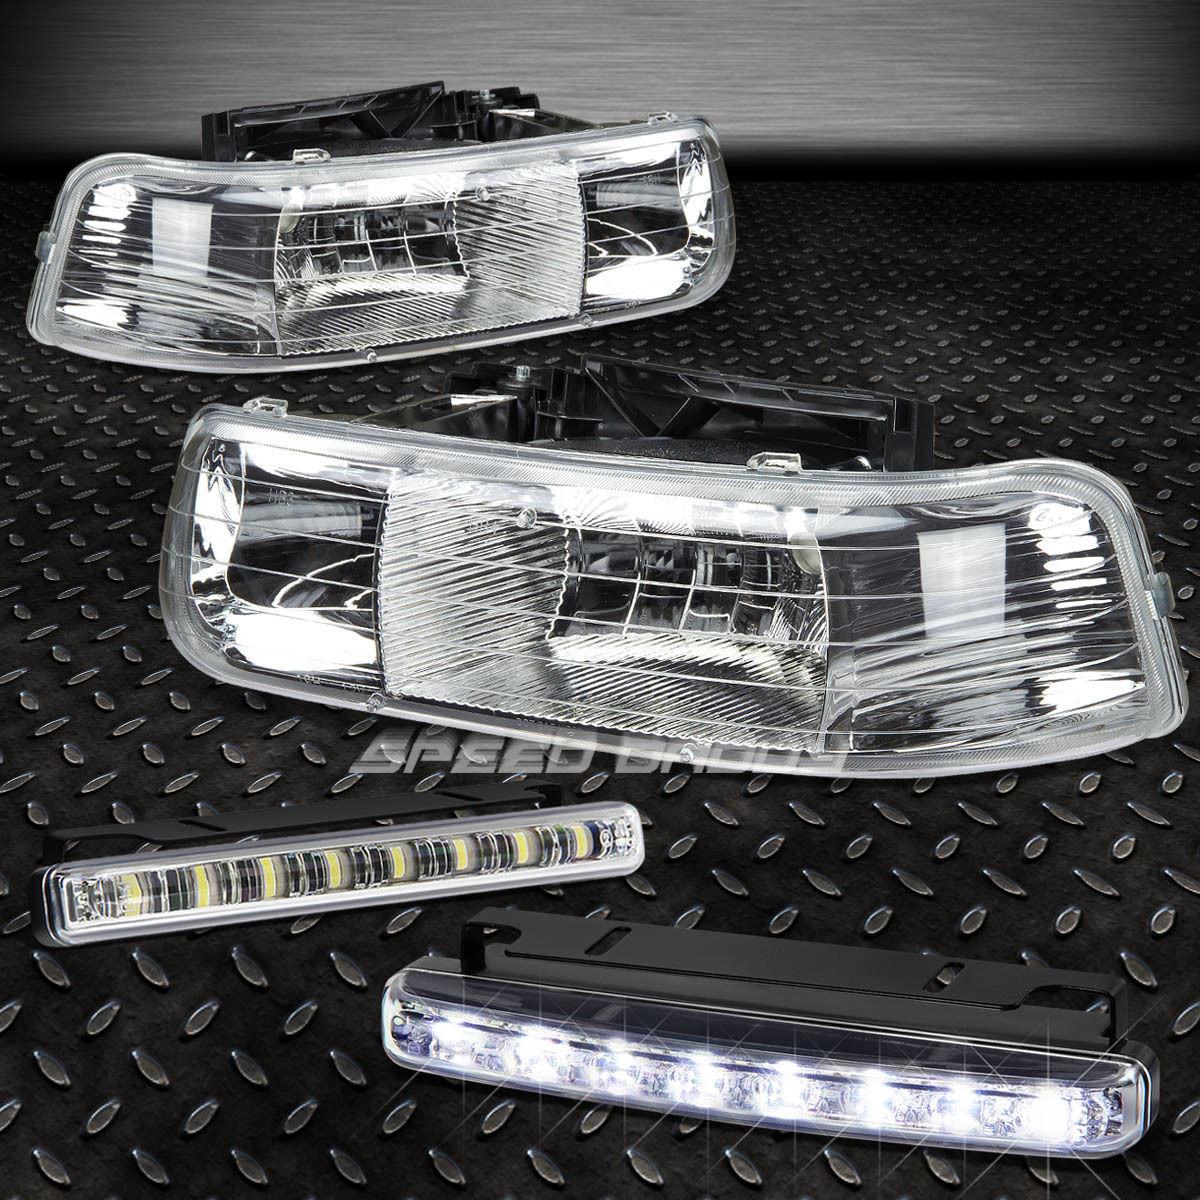 フォグライト HEADLIGHT/LAMP CLEAR LENS CHROME HOUSING+LED FOG LIGHT FITS 99-02 SILVERADO ヘッドライト/ランプクリアレンズCHROME HOUSING + LED FOGライトフィット99-02 SILVERADO